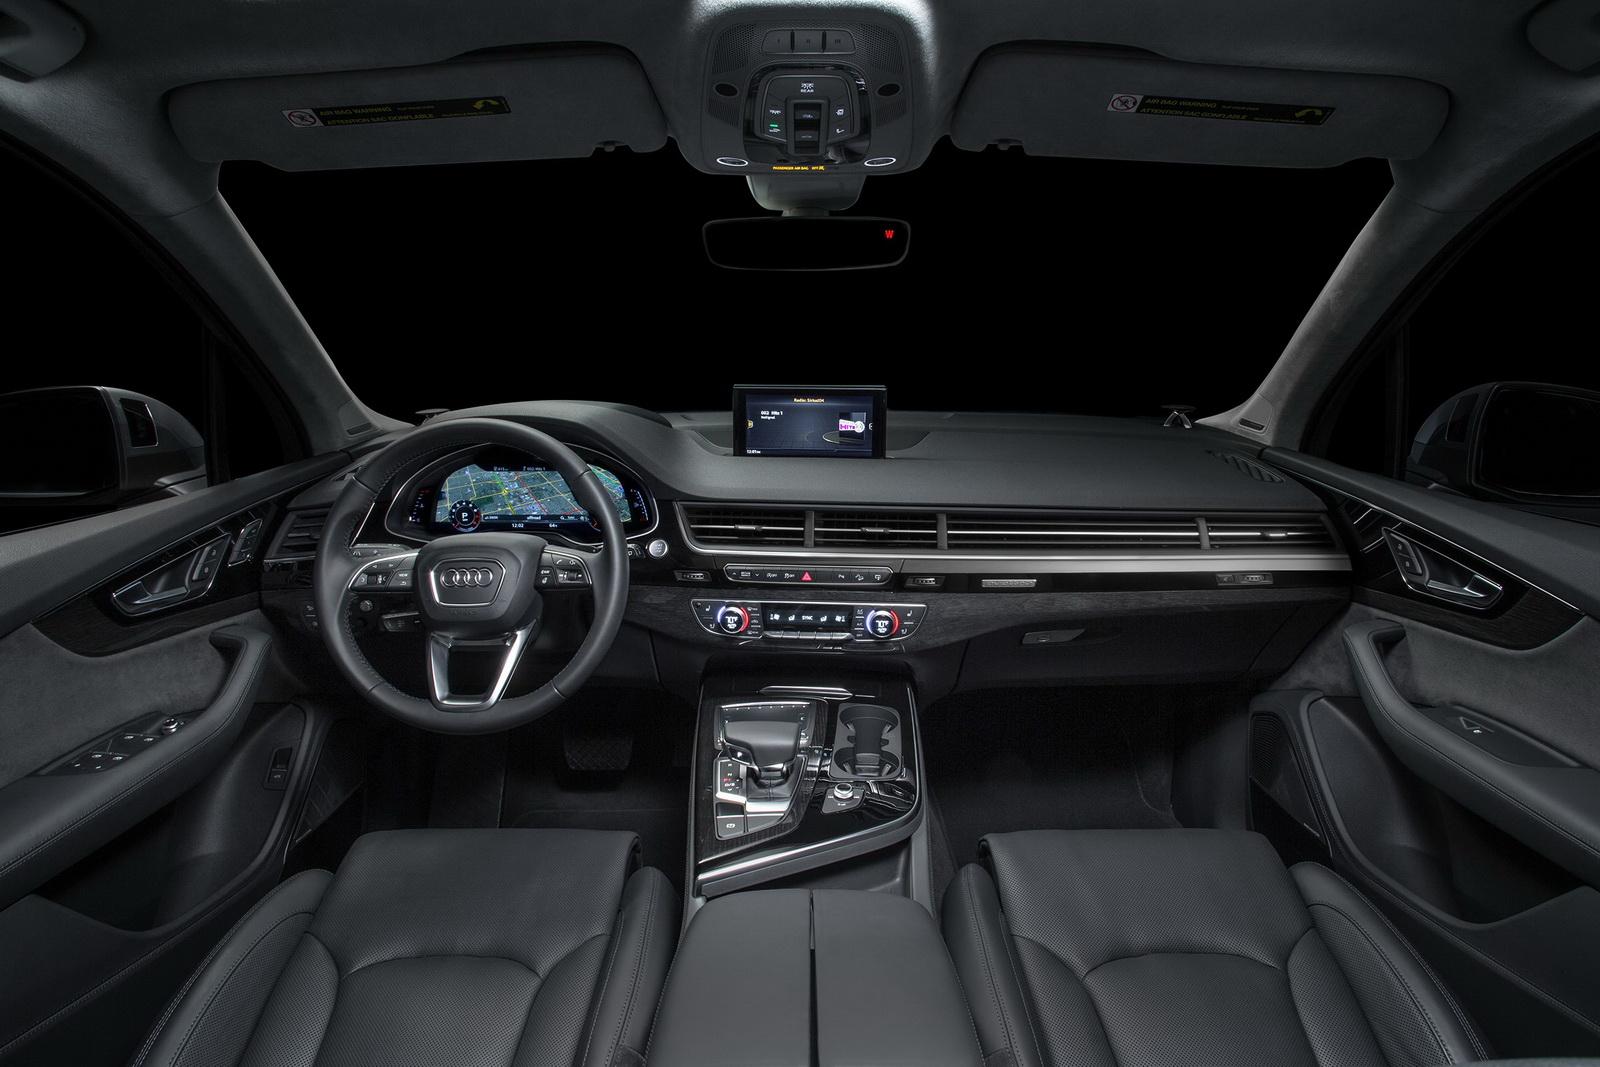 Audi Q7 2017 đạt tiêu chuẩn an toàn Top Safety Pick+ của IIHS